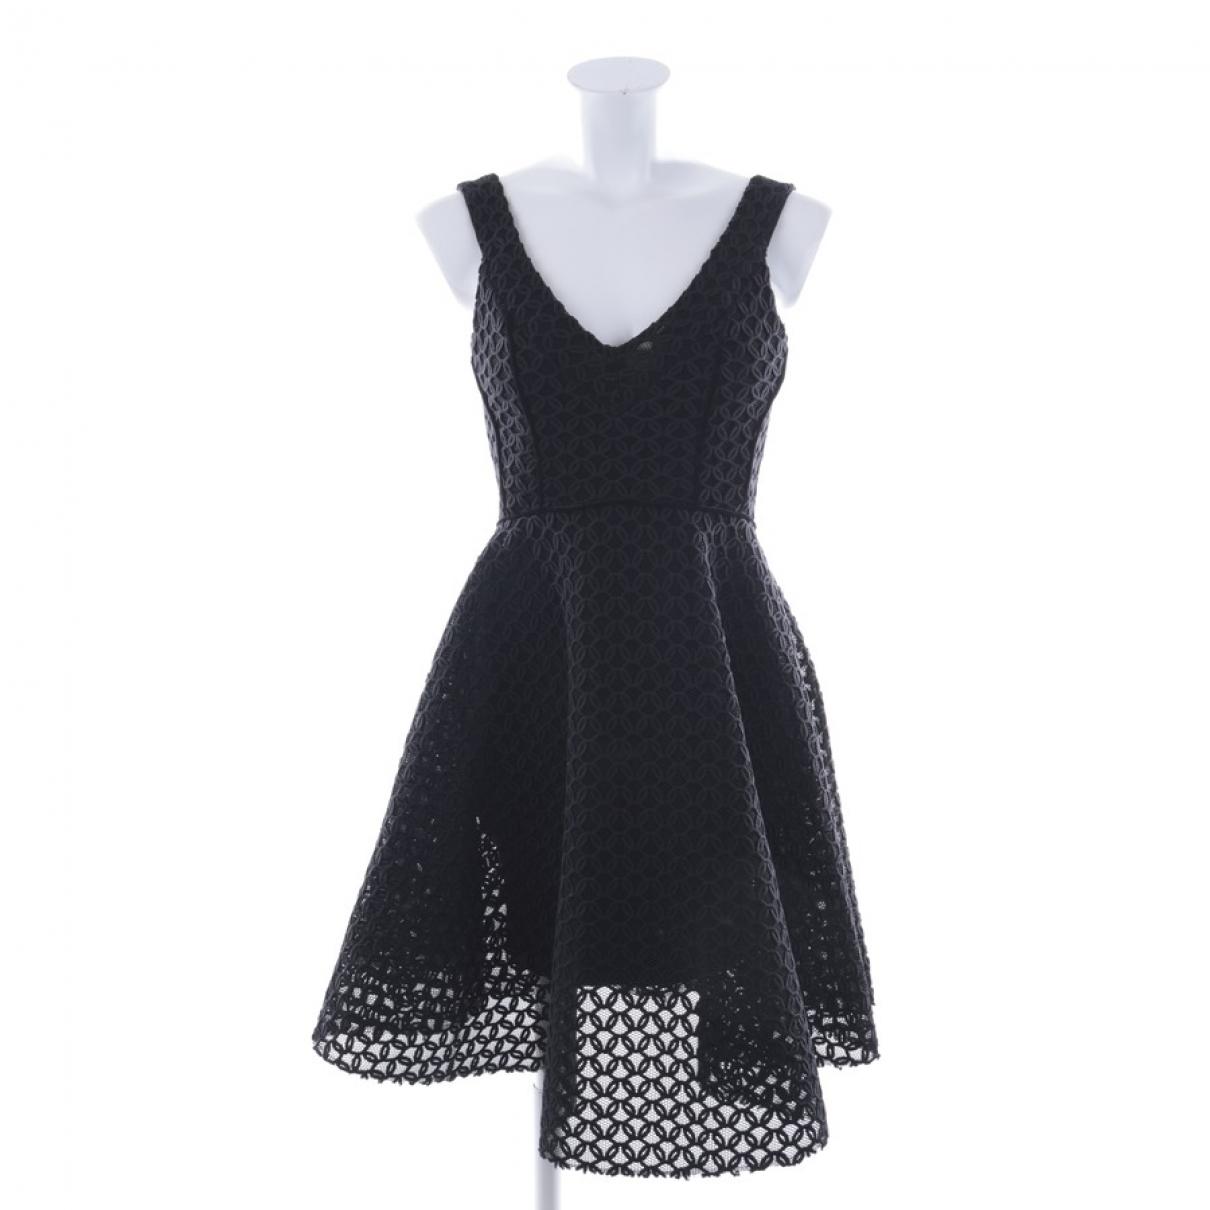 Maje \N Kleid in  Schwarz Synthetik